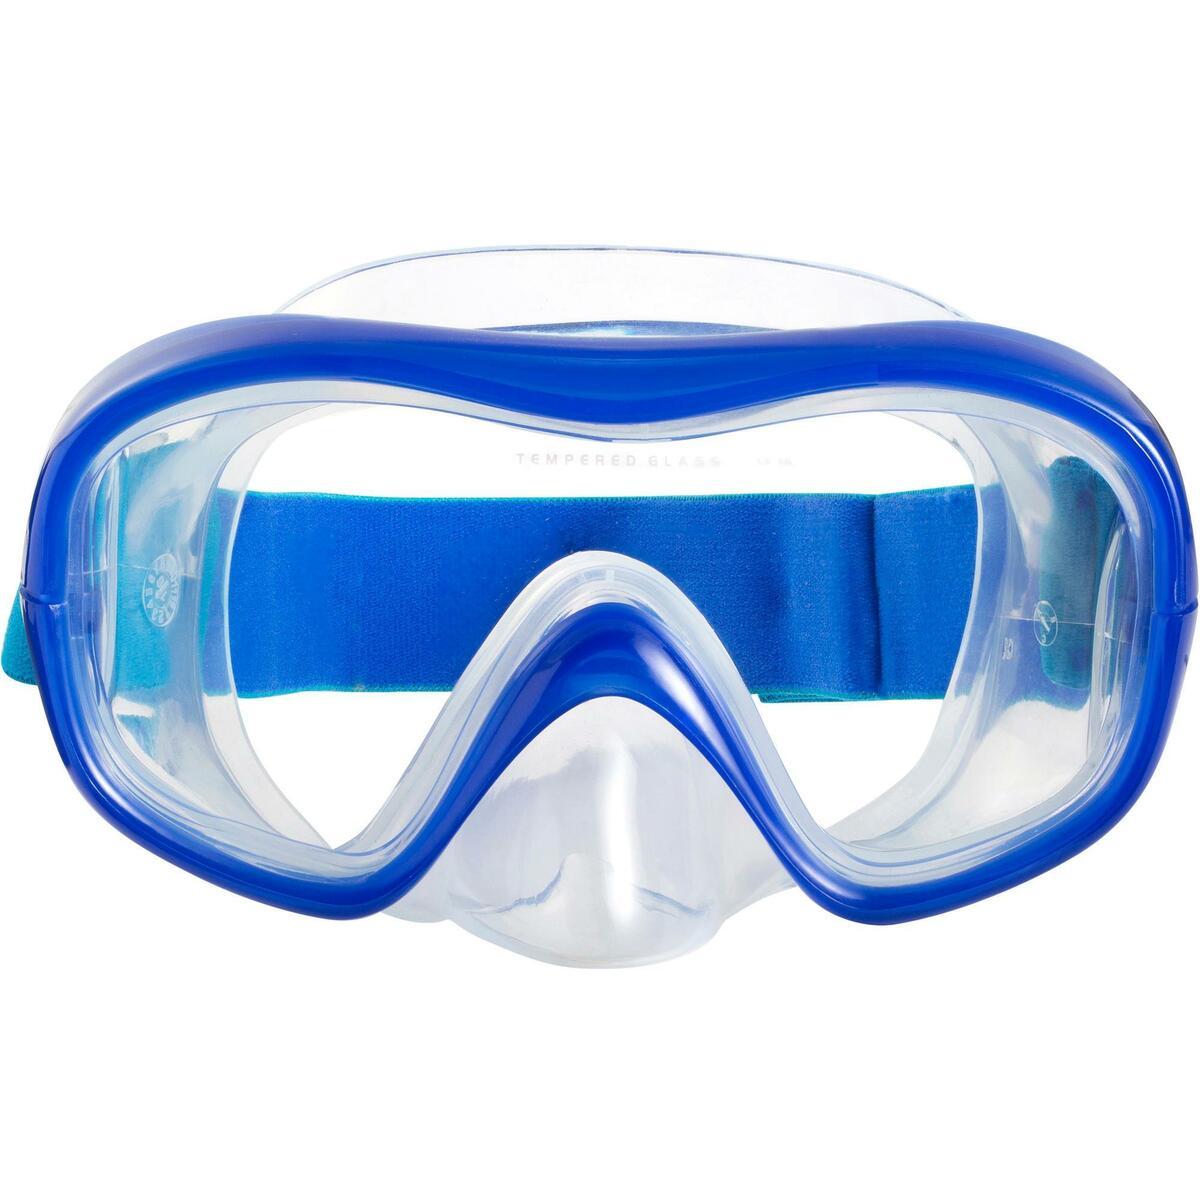 Bild 3 von Schnorchel-Set Freediving FRD120 Erwachsene türkisblau